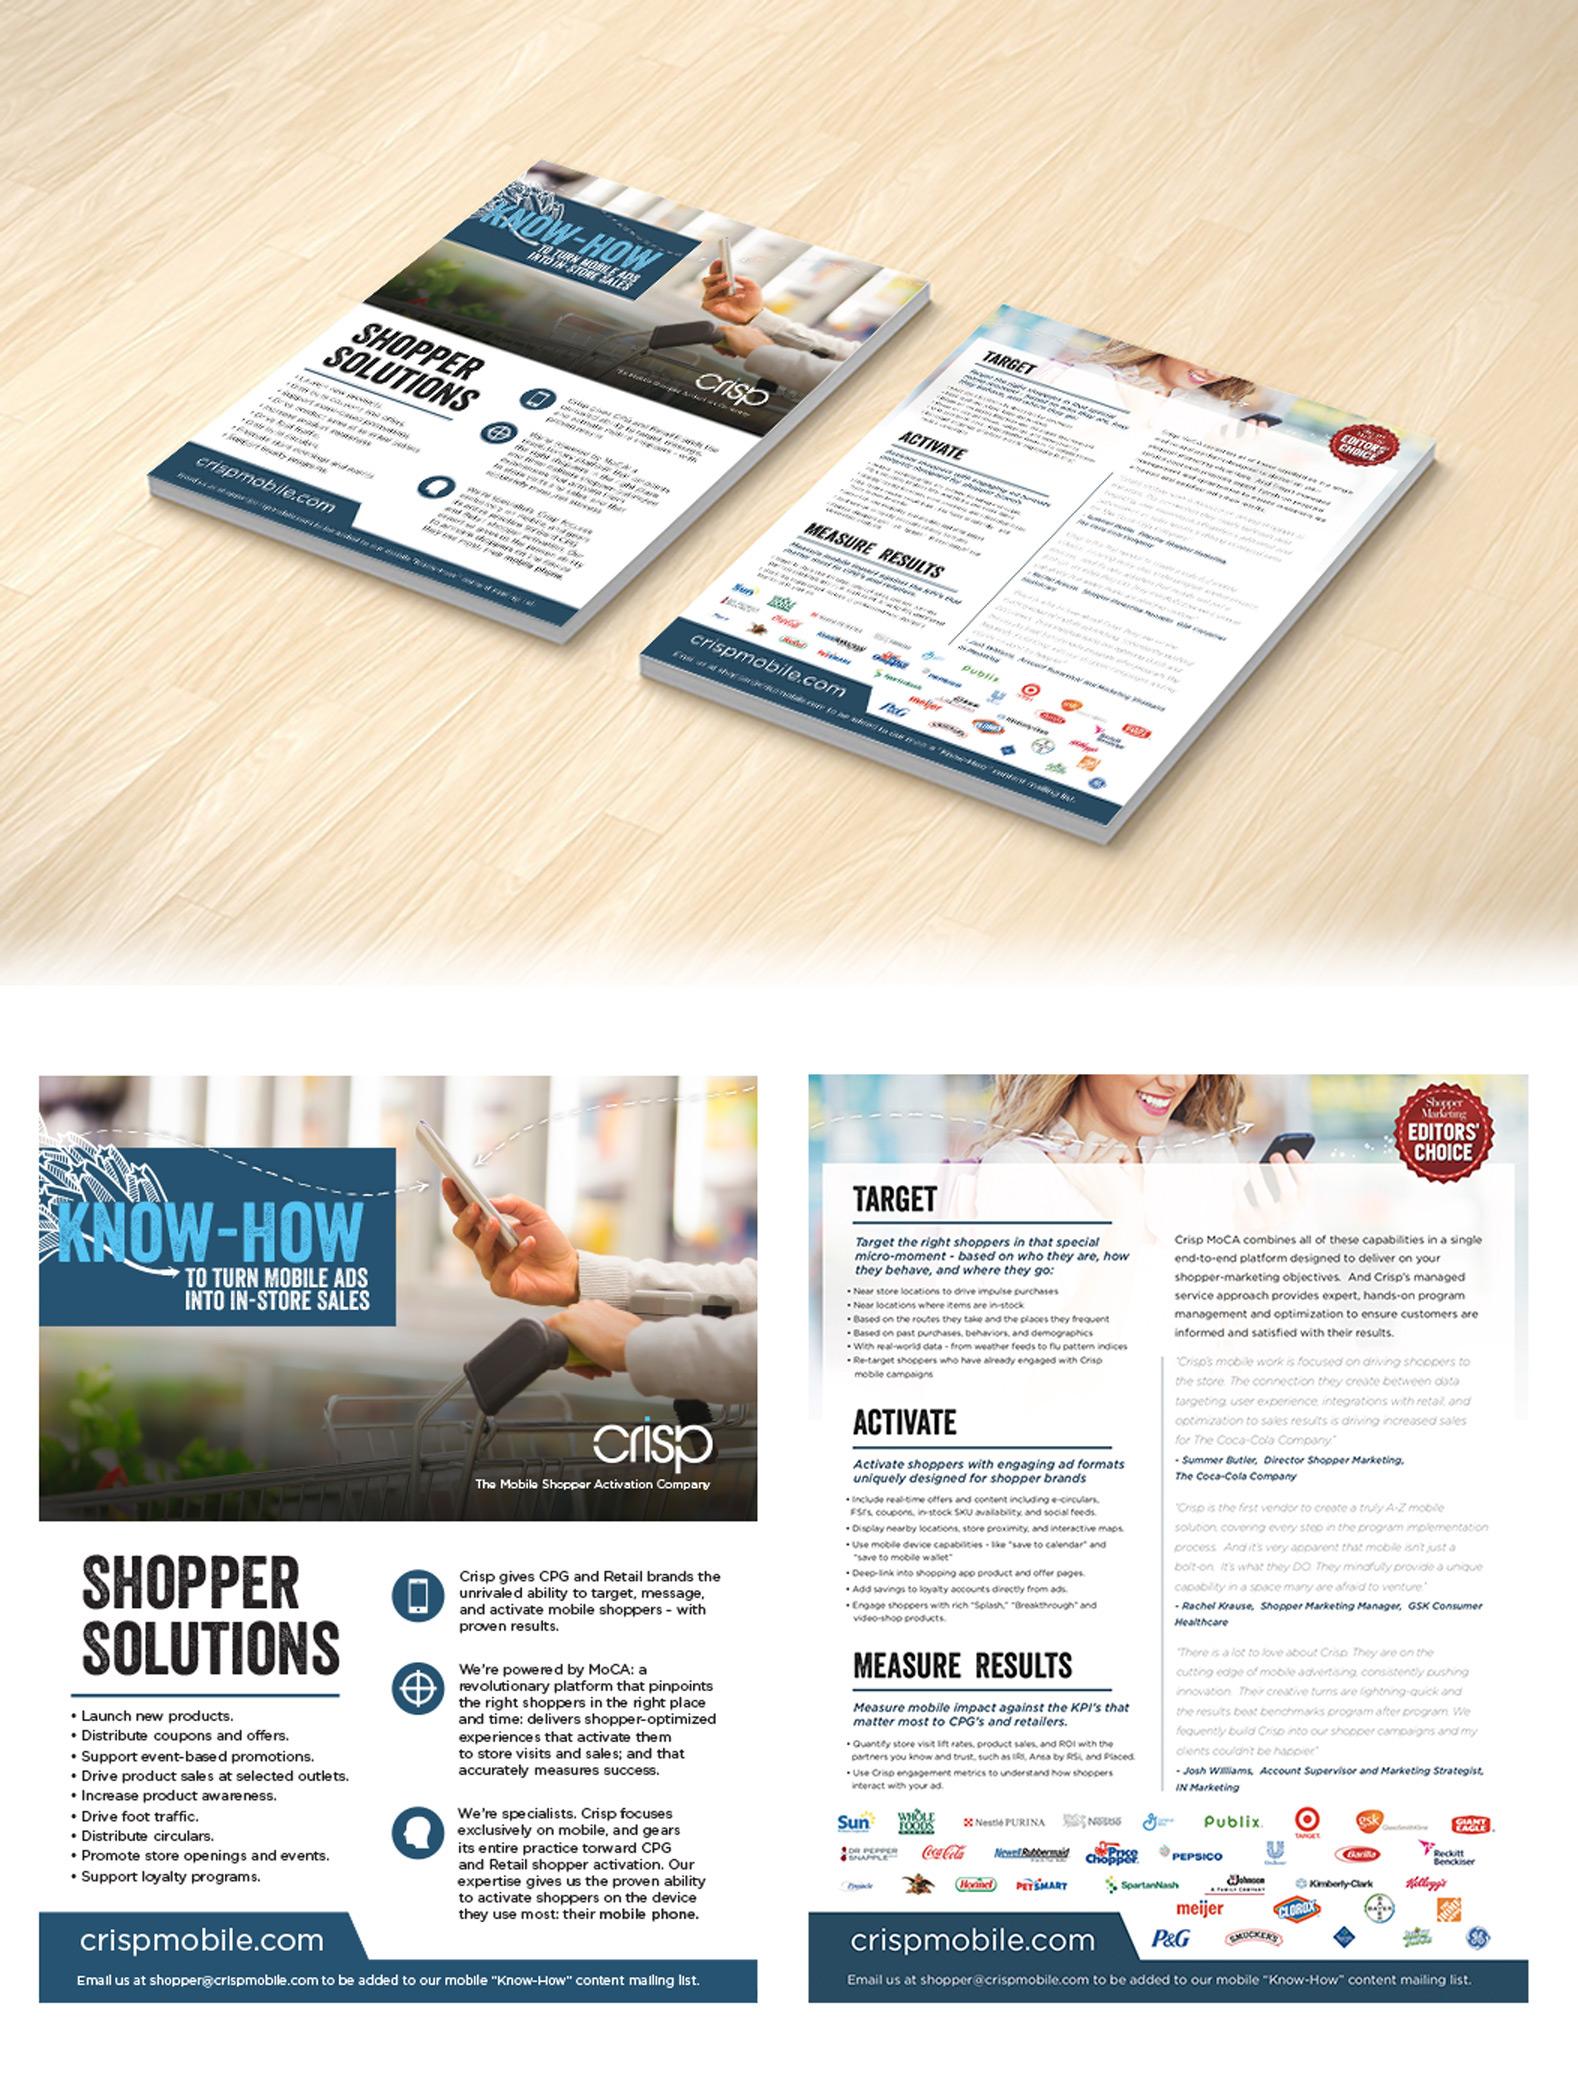 Crisp Mobile - Expo Flyer on Behance